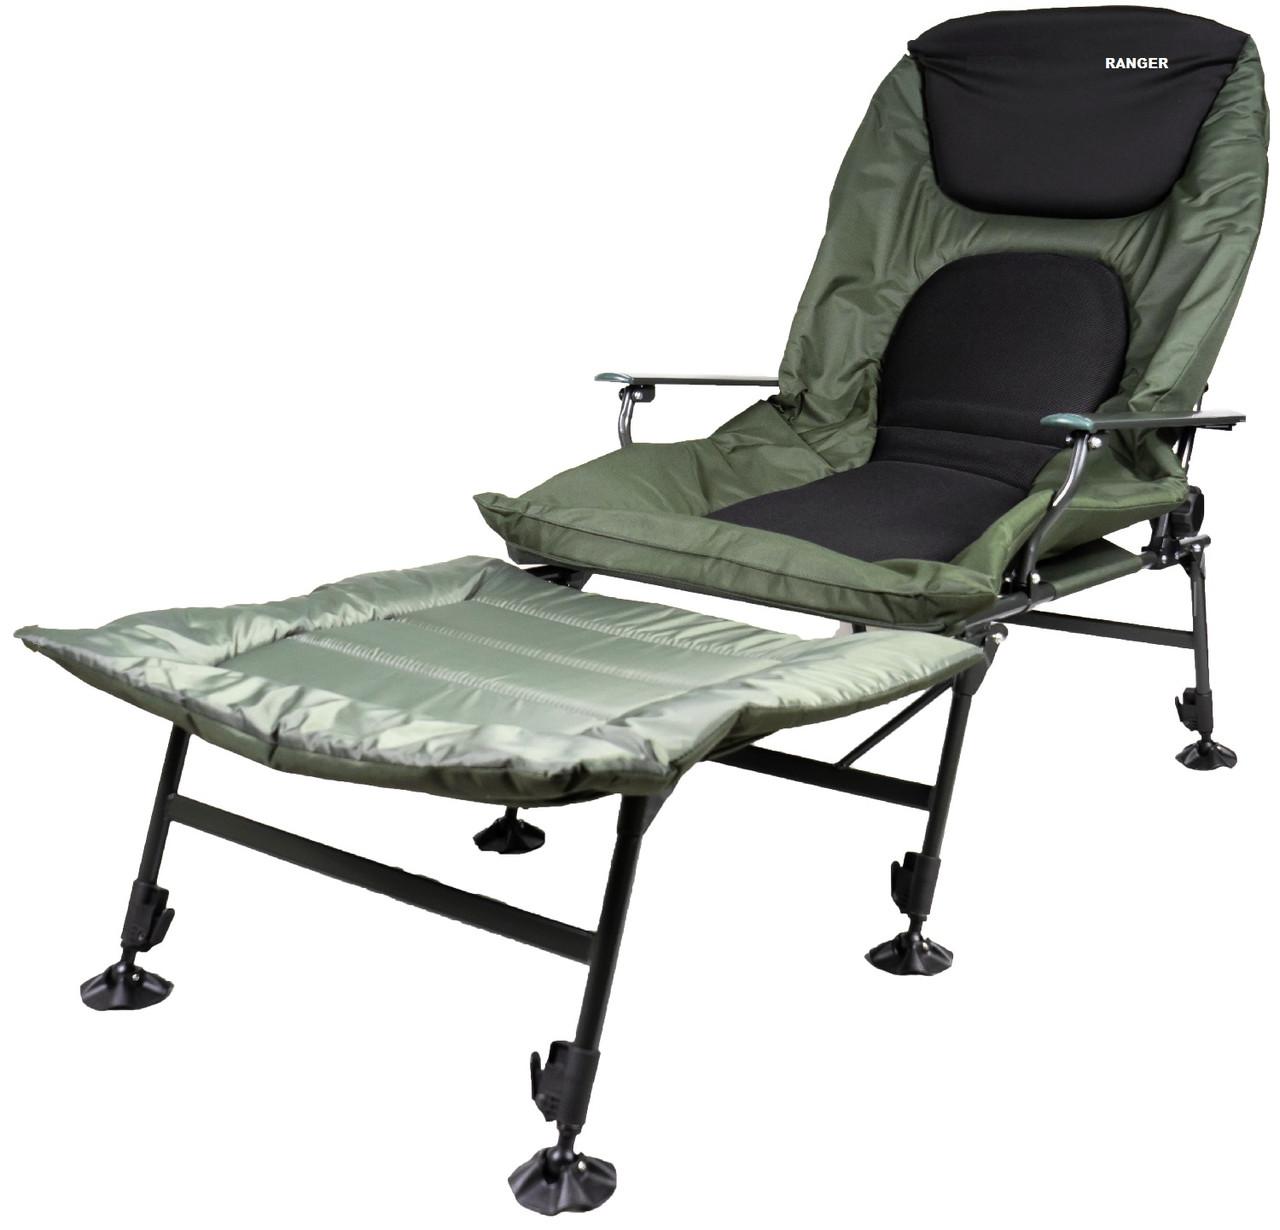 Карповое кресло-кровать Ranger Grand SL-106 (Арт. RA 2230)